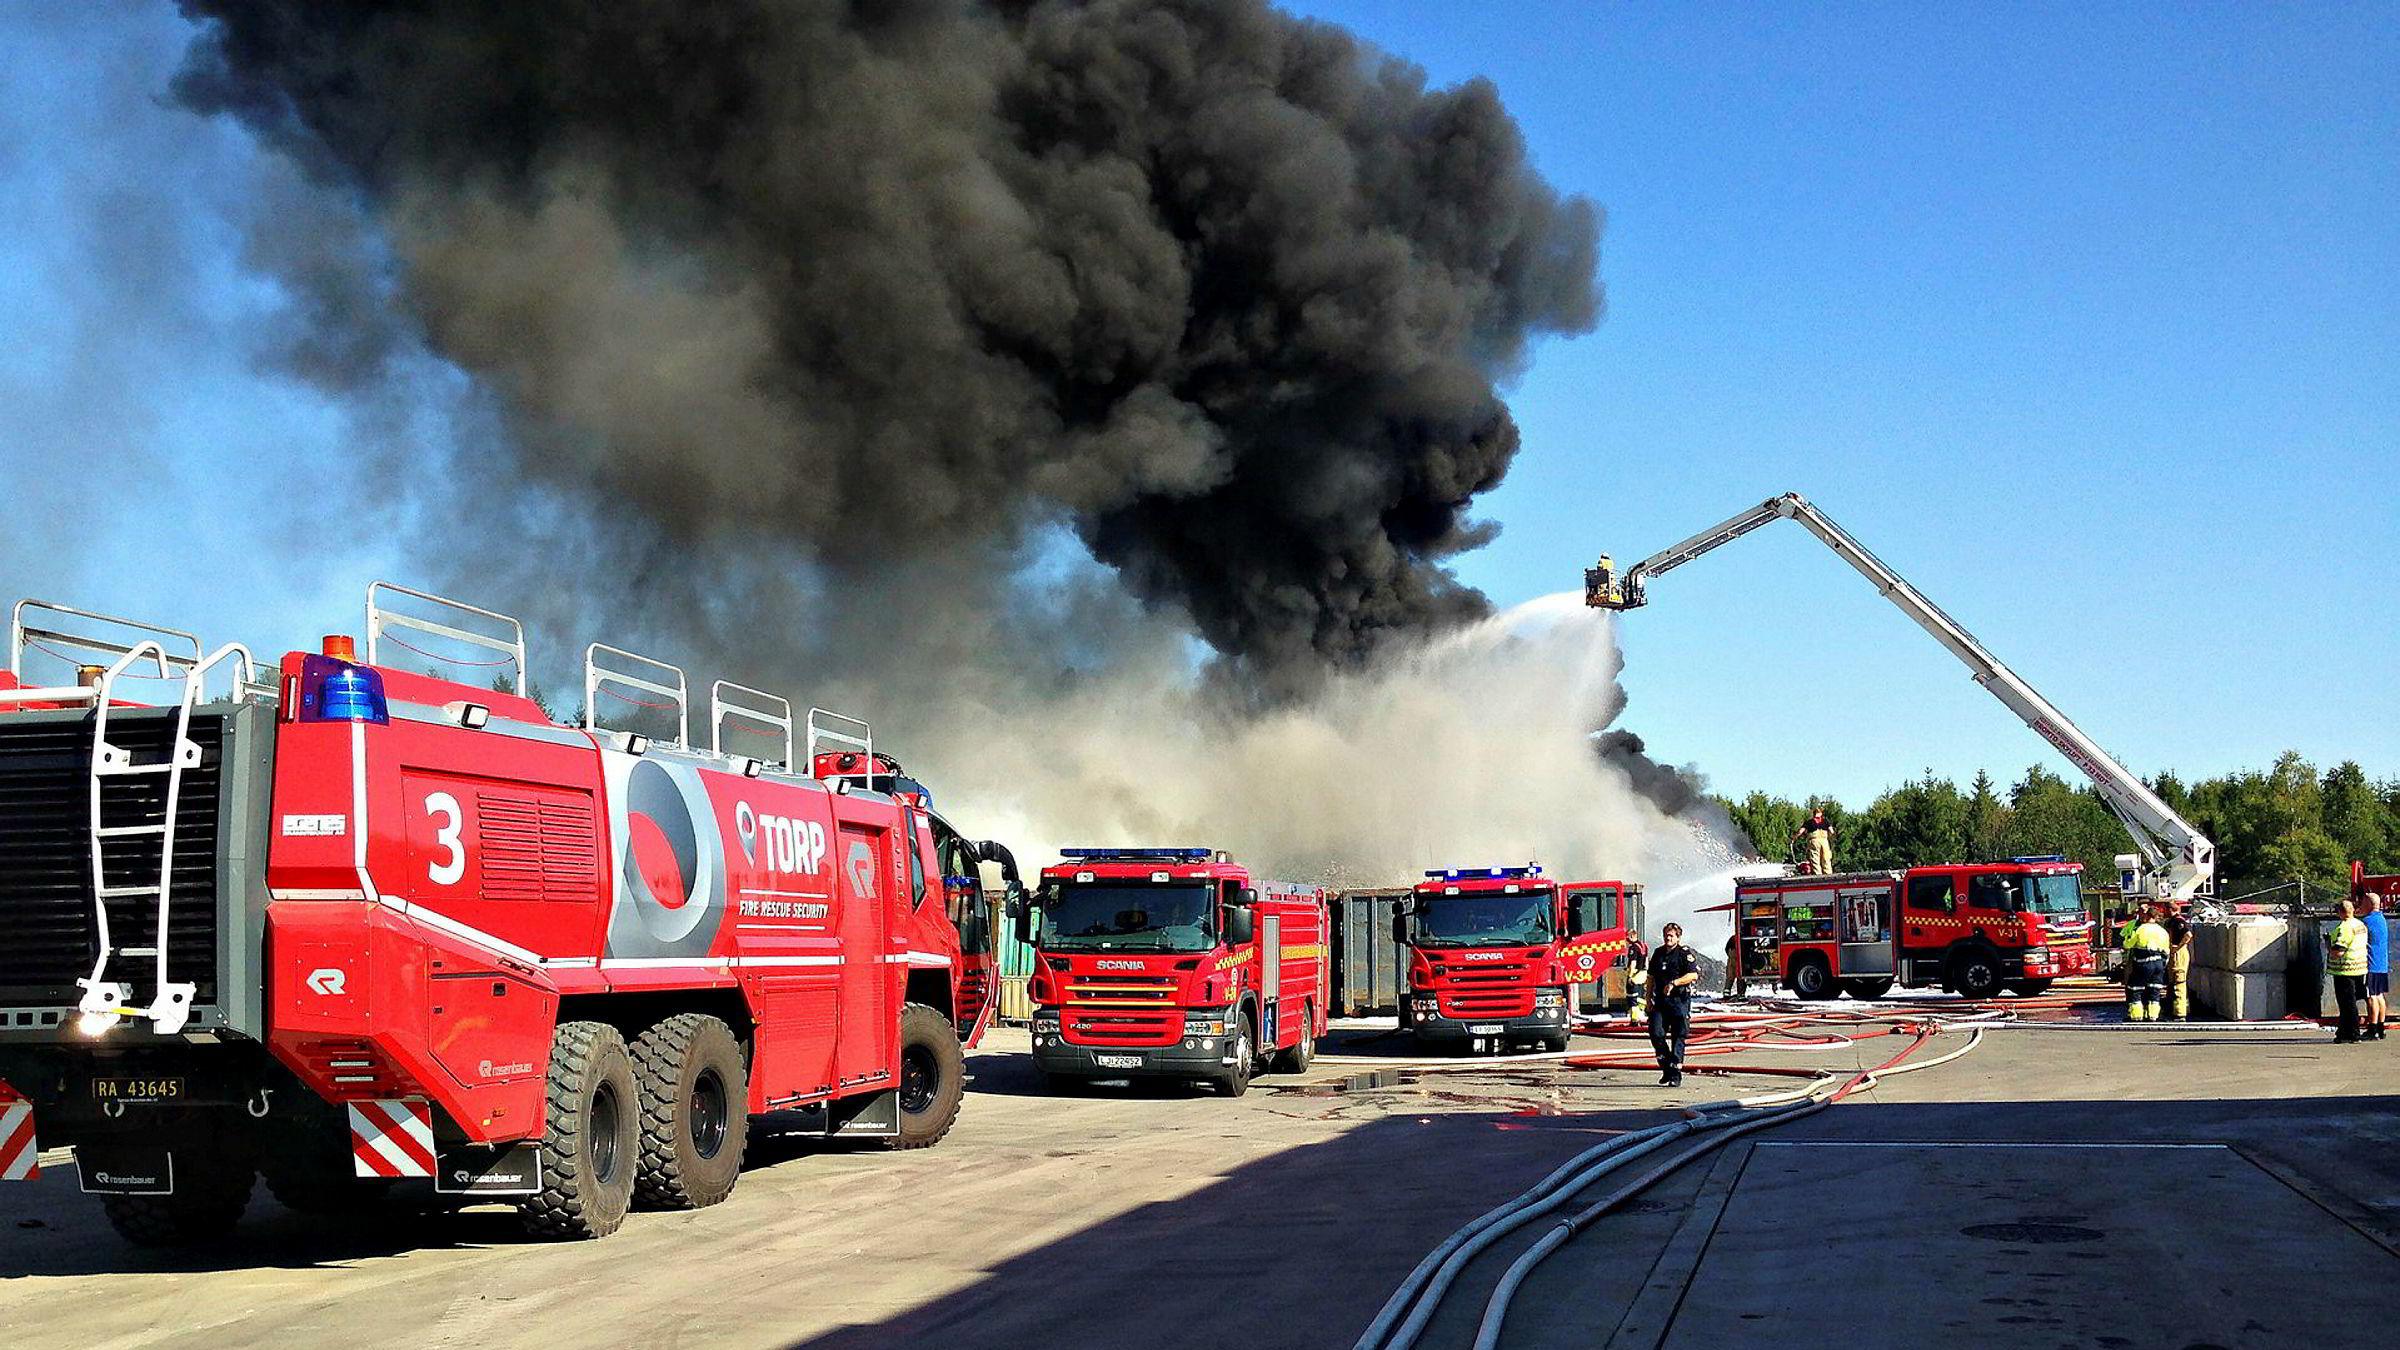 Brannen hos resirkuleringsbedriften Revac i Vestfold i 2014 medførte omfattende utslipp av farlige stoffer. Nå må tre eiere/ledere i fengsel etter at lagmannsretten har avvist deres anke.